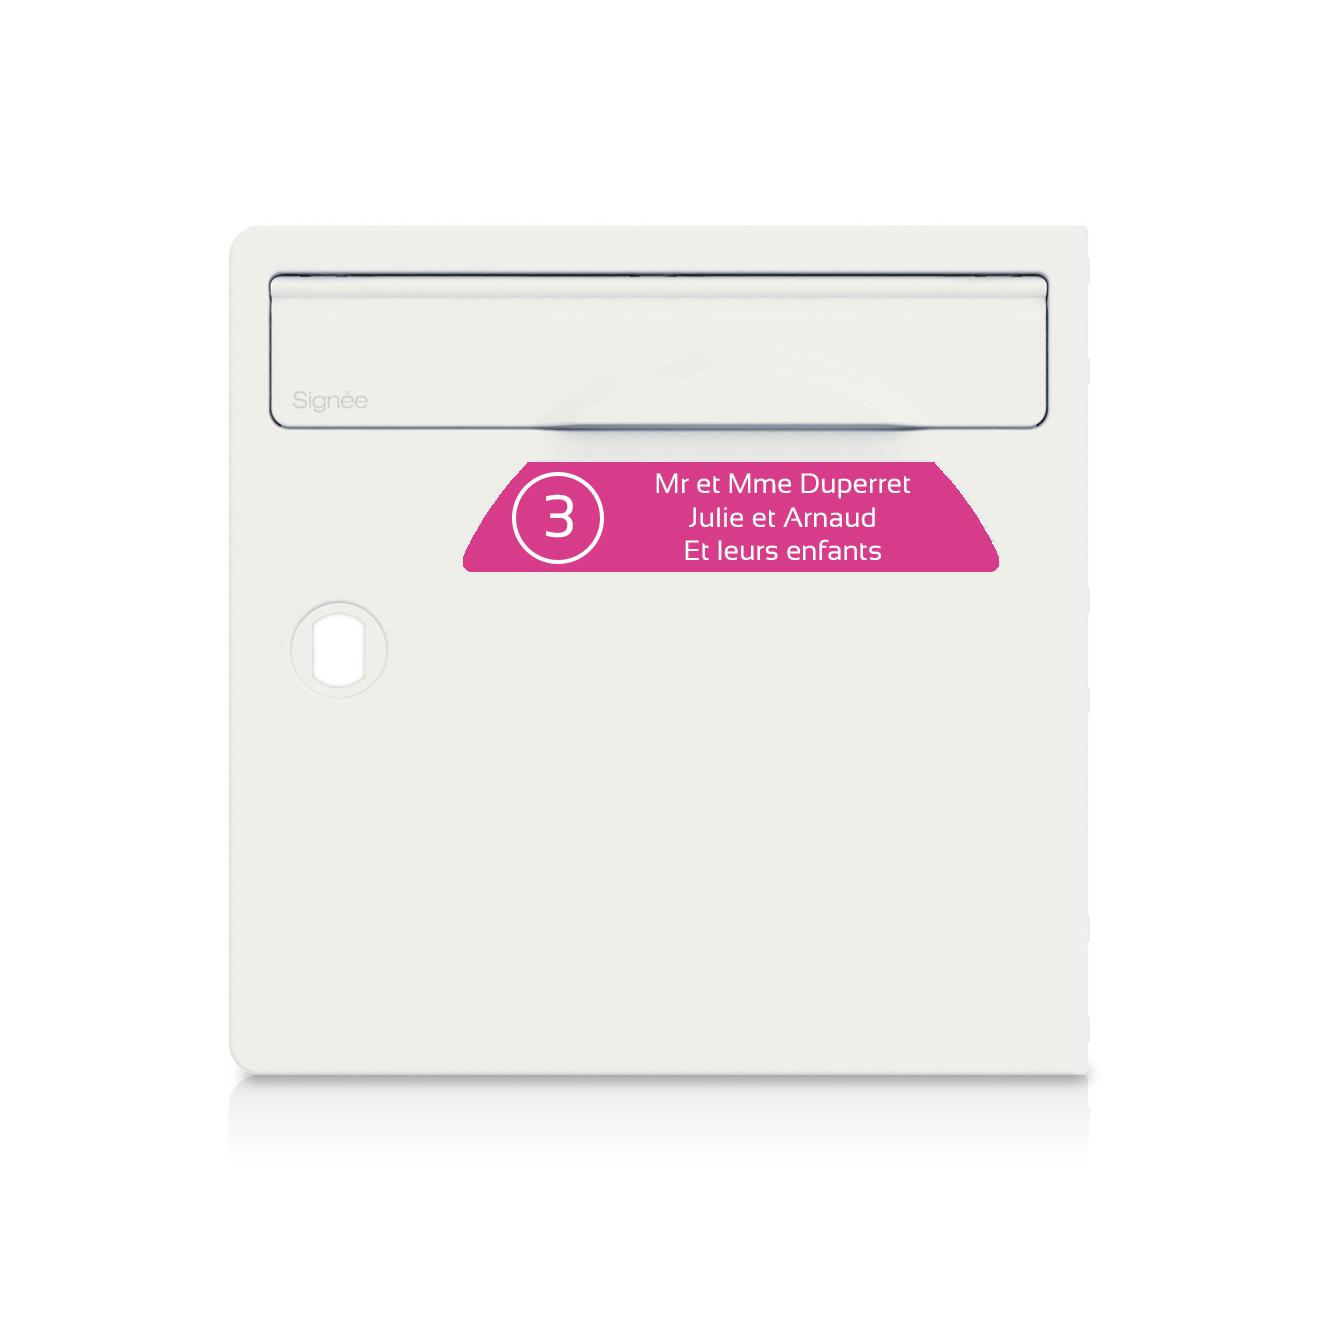 Plaque boite aux lettres Signée NUMERO rose lettres blanches - 3 lignes